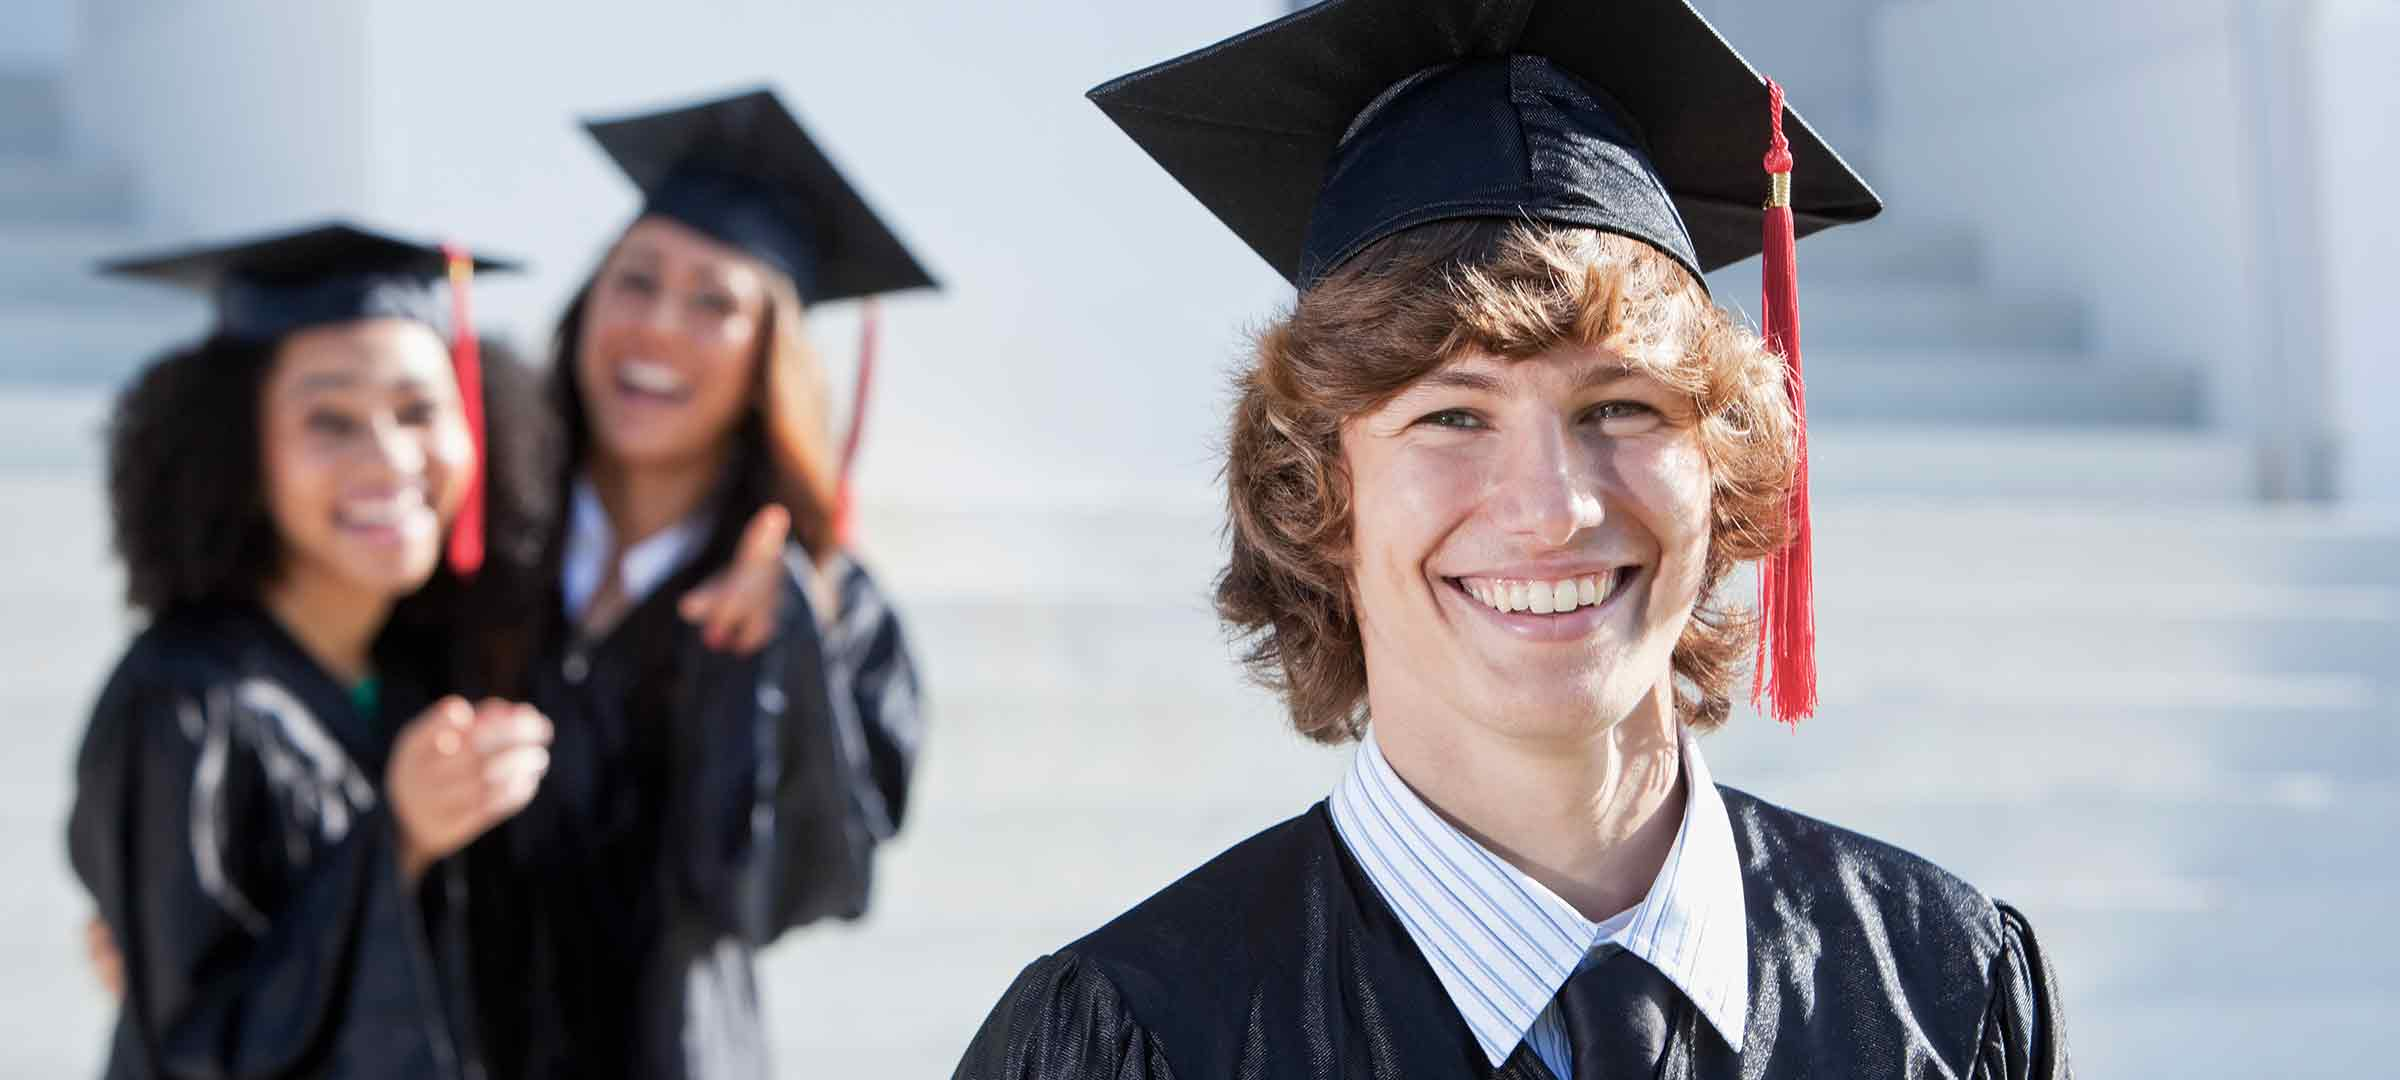 Titelbild: Uni-Absolventen nach der feierlichen Zeugnisverleihung